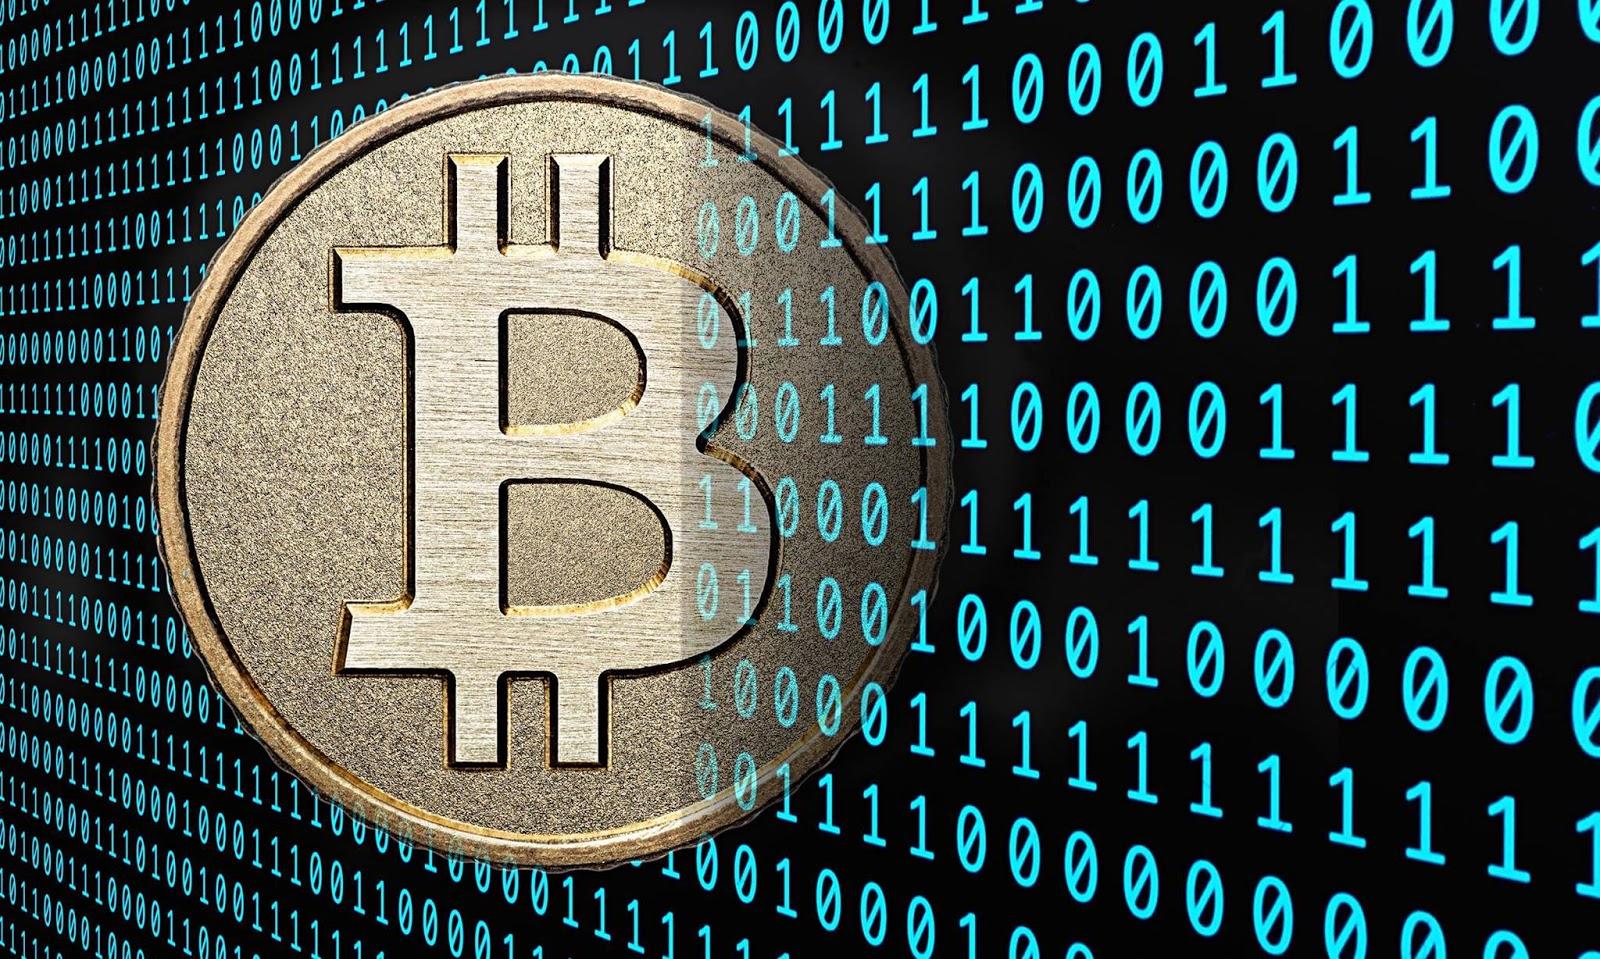 دراوی بیتکۆین  چیه ؟ لهكوێ مامهلهی پێ دهكرێ؟ bitcoin